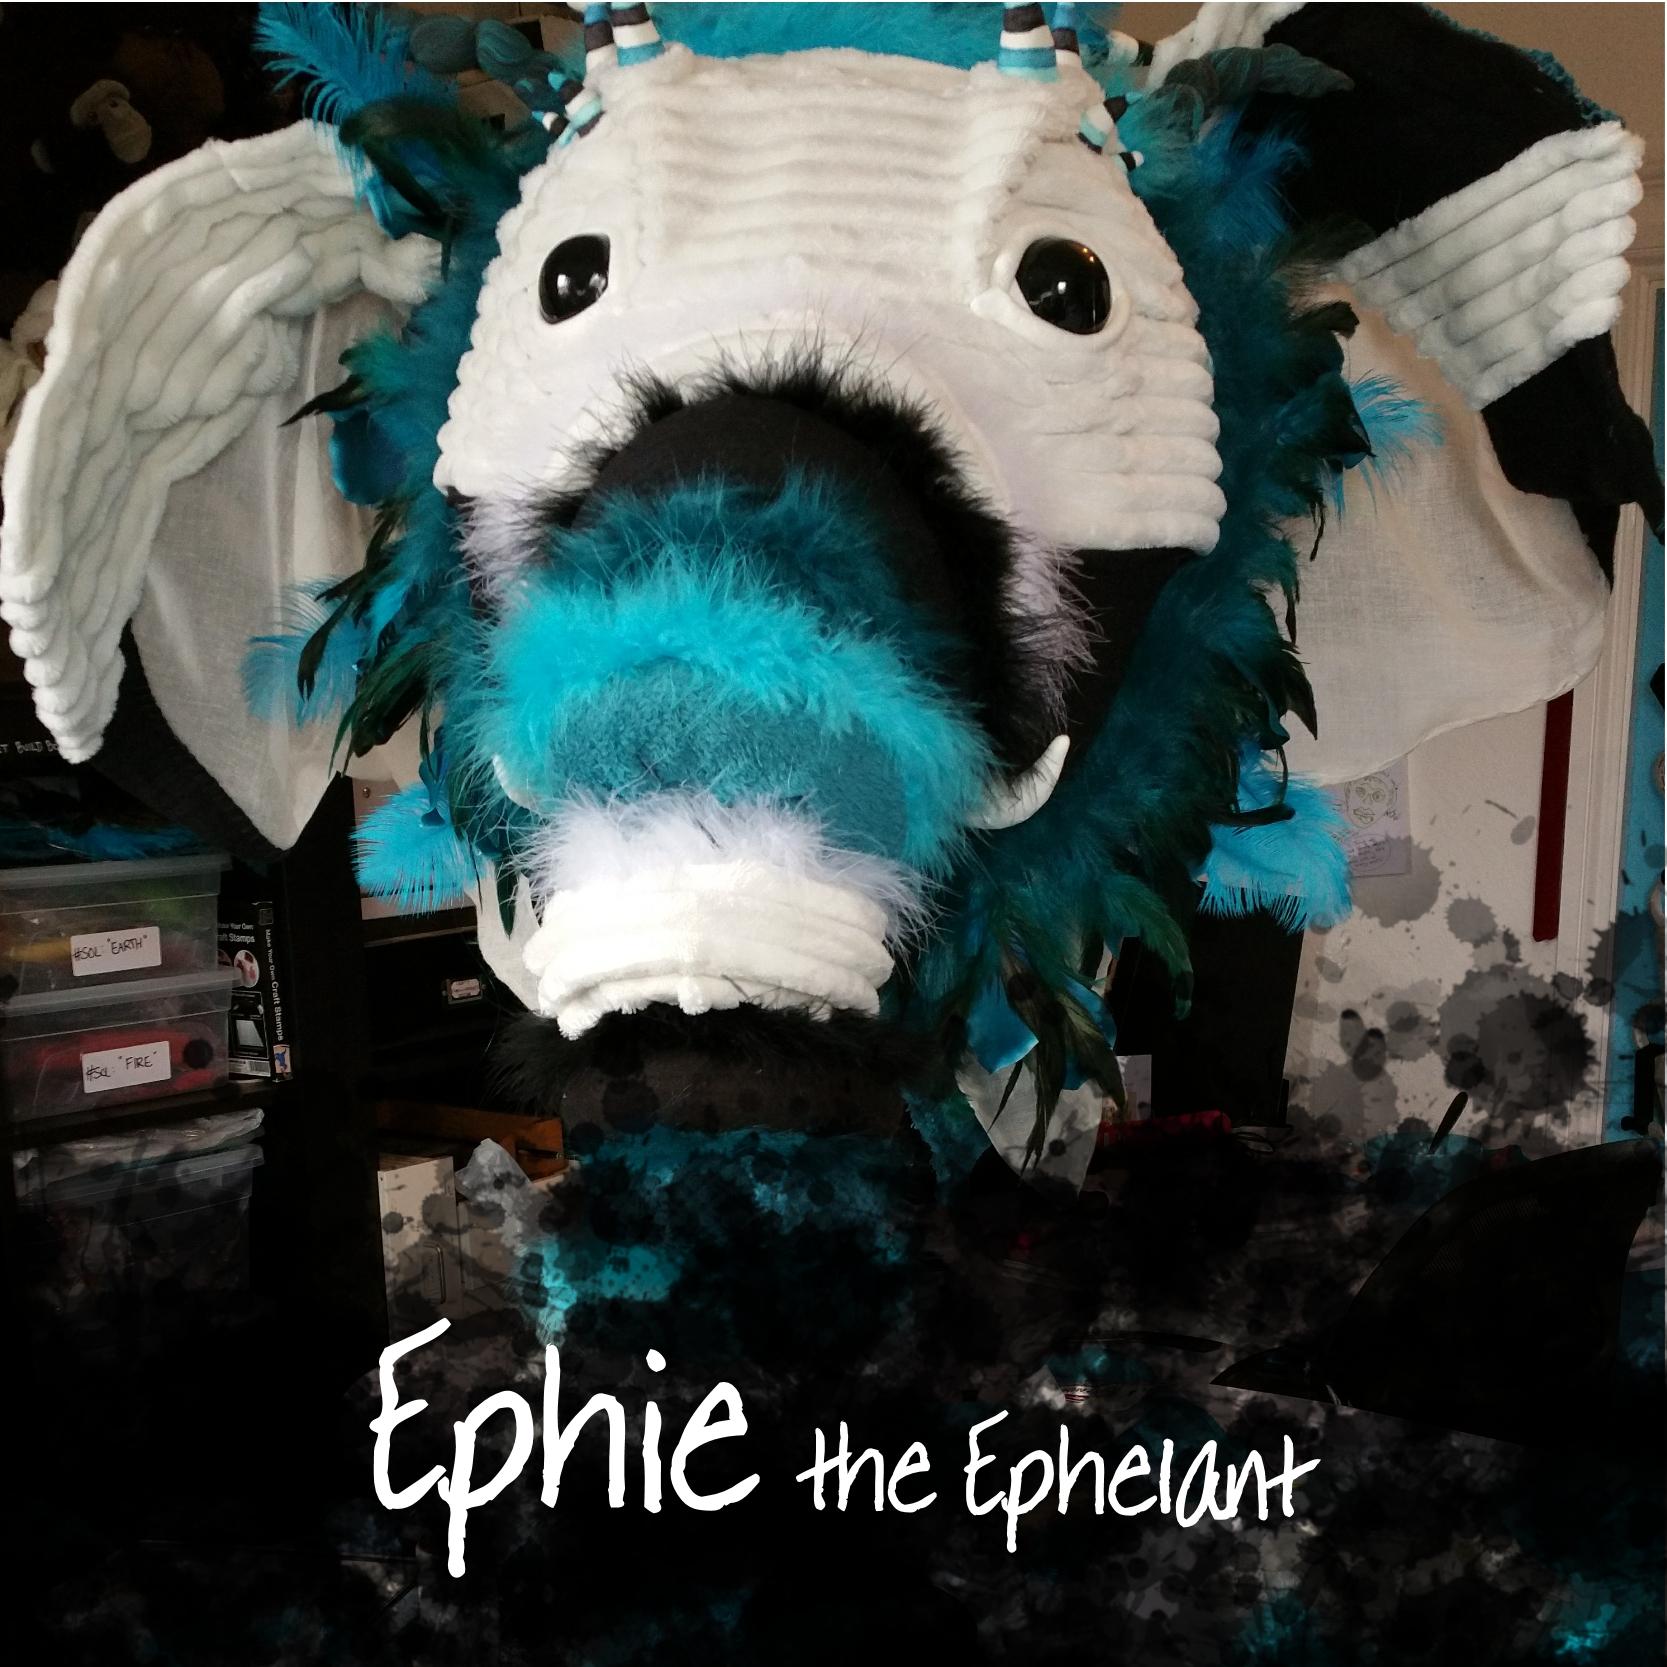 Ephie the Ephelant